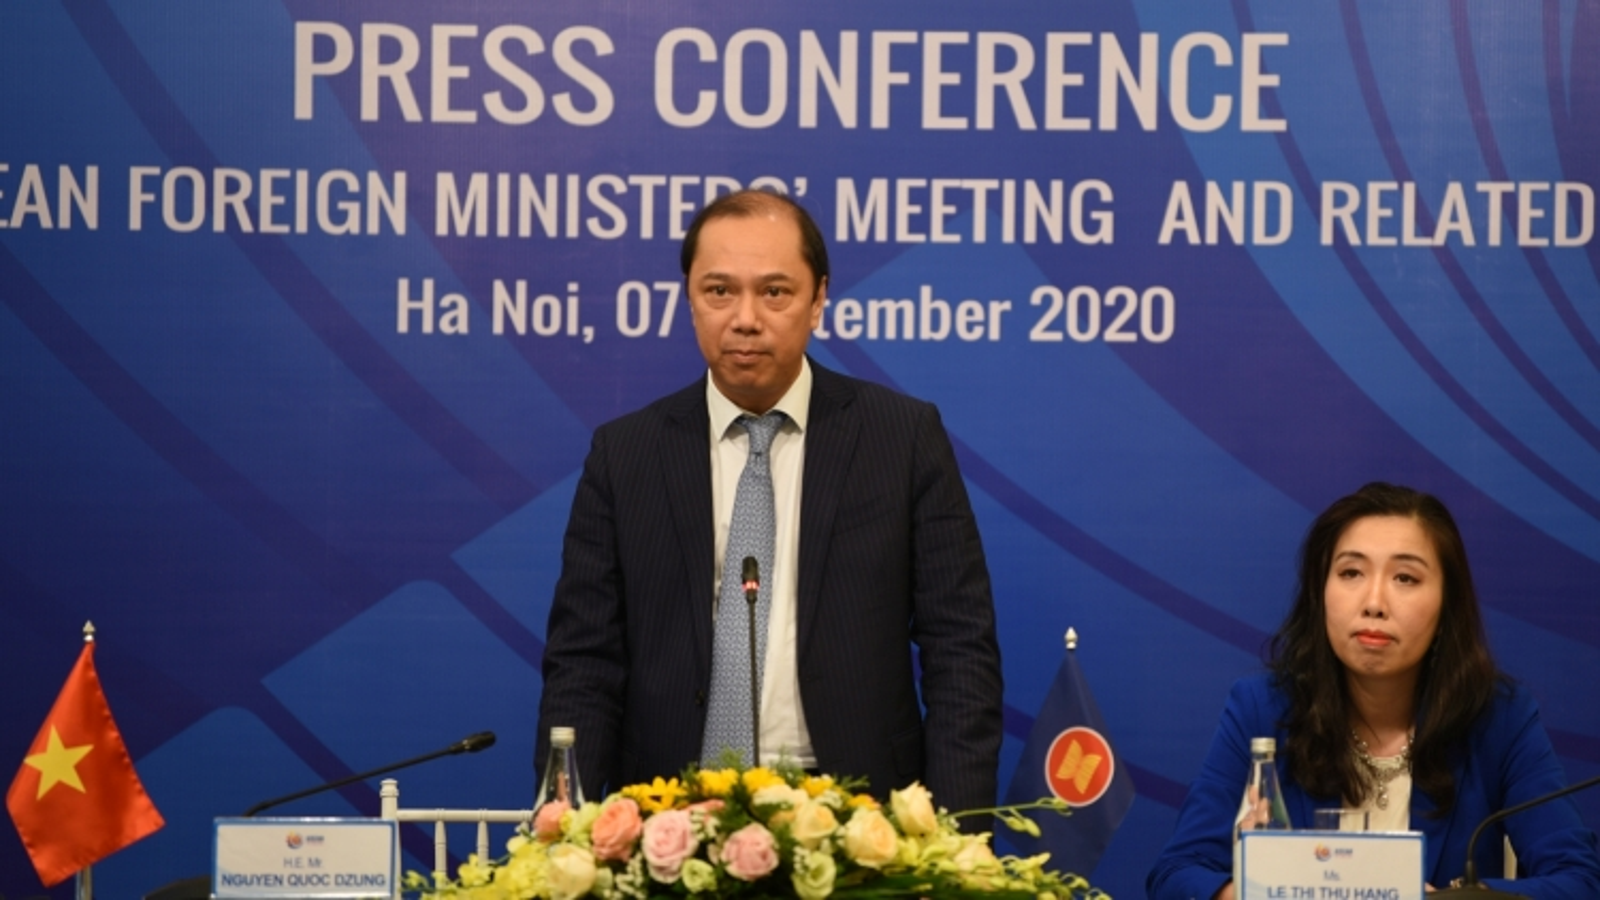 AMM 53 sẽ có khoảng 20 hội nghị, phiên họp cấp Bộ trưởng